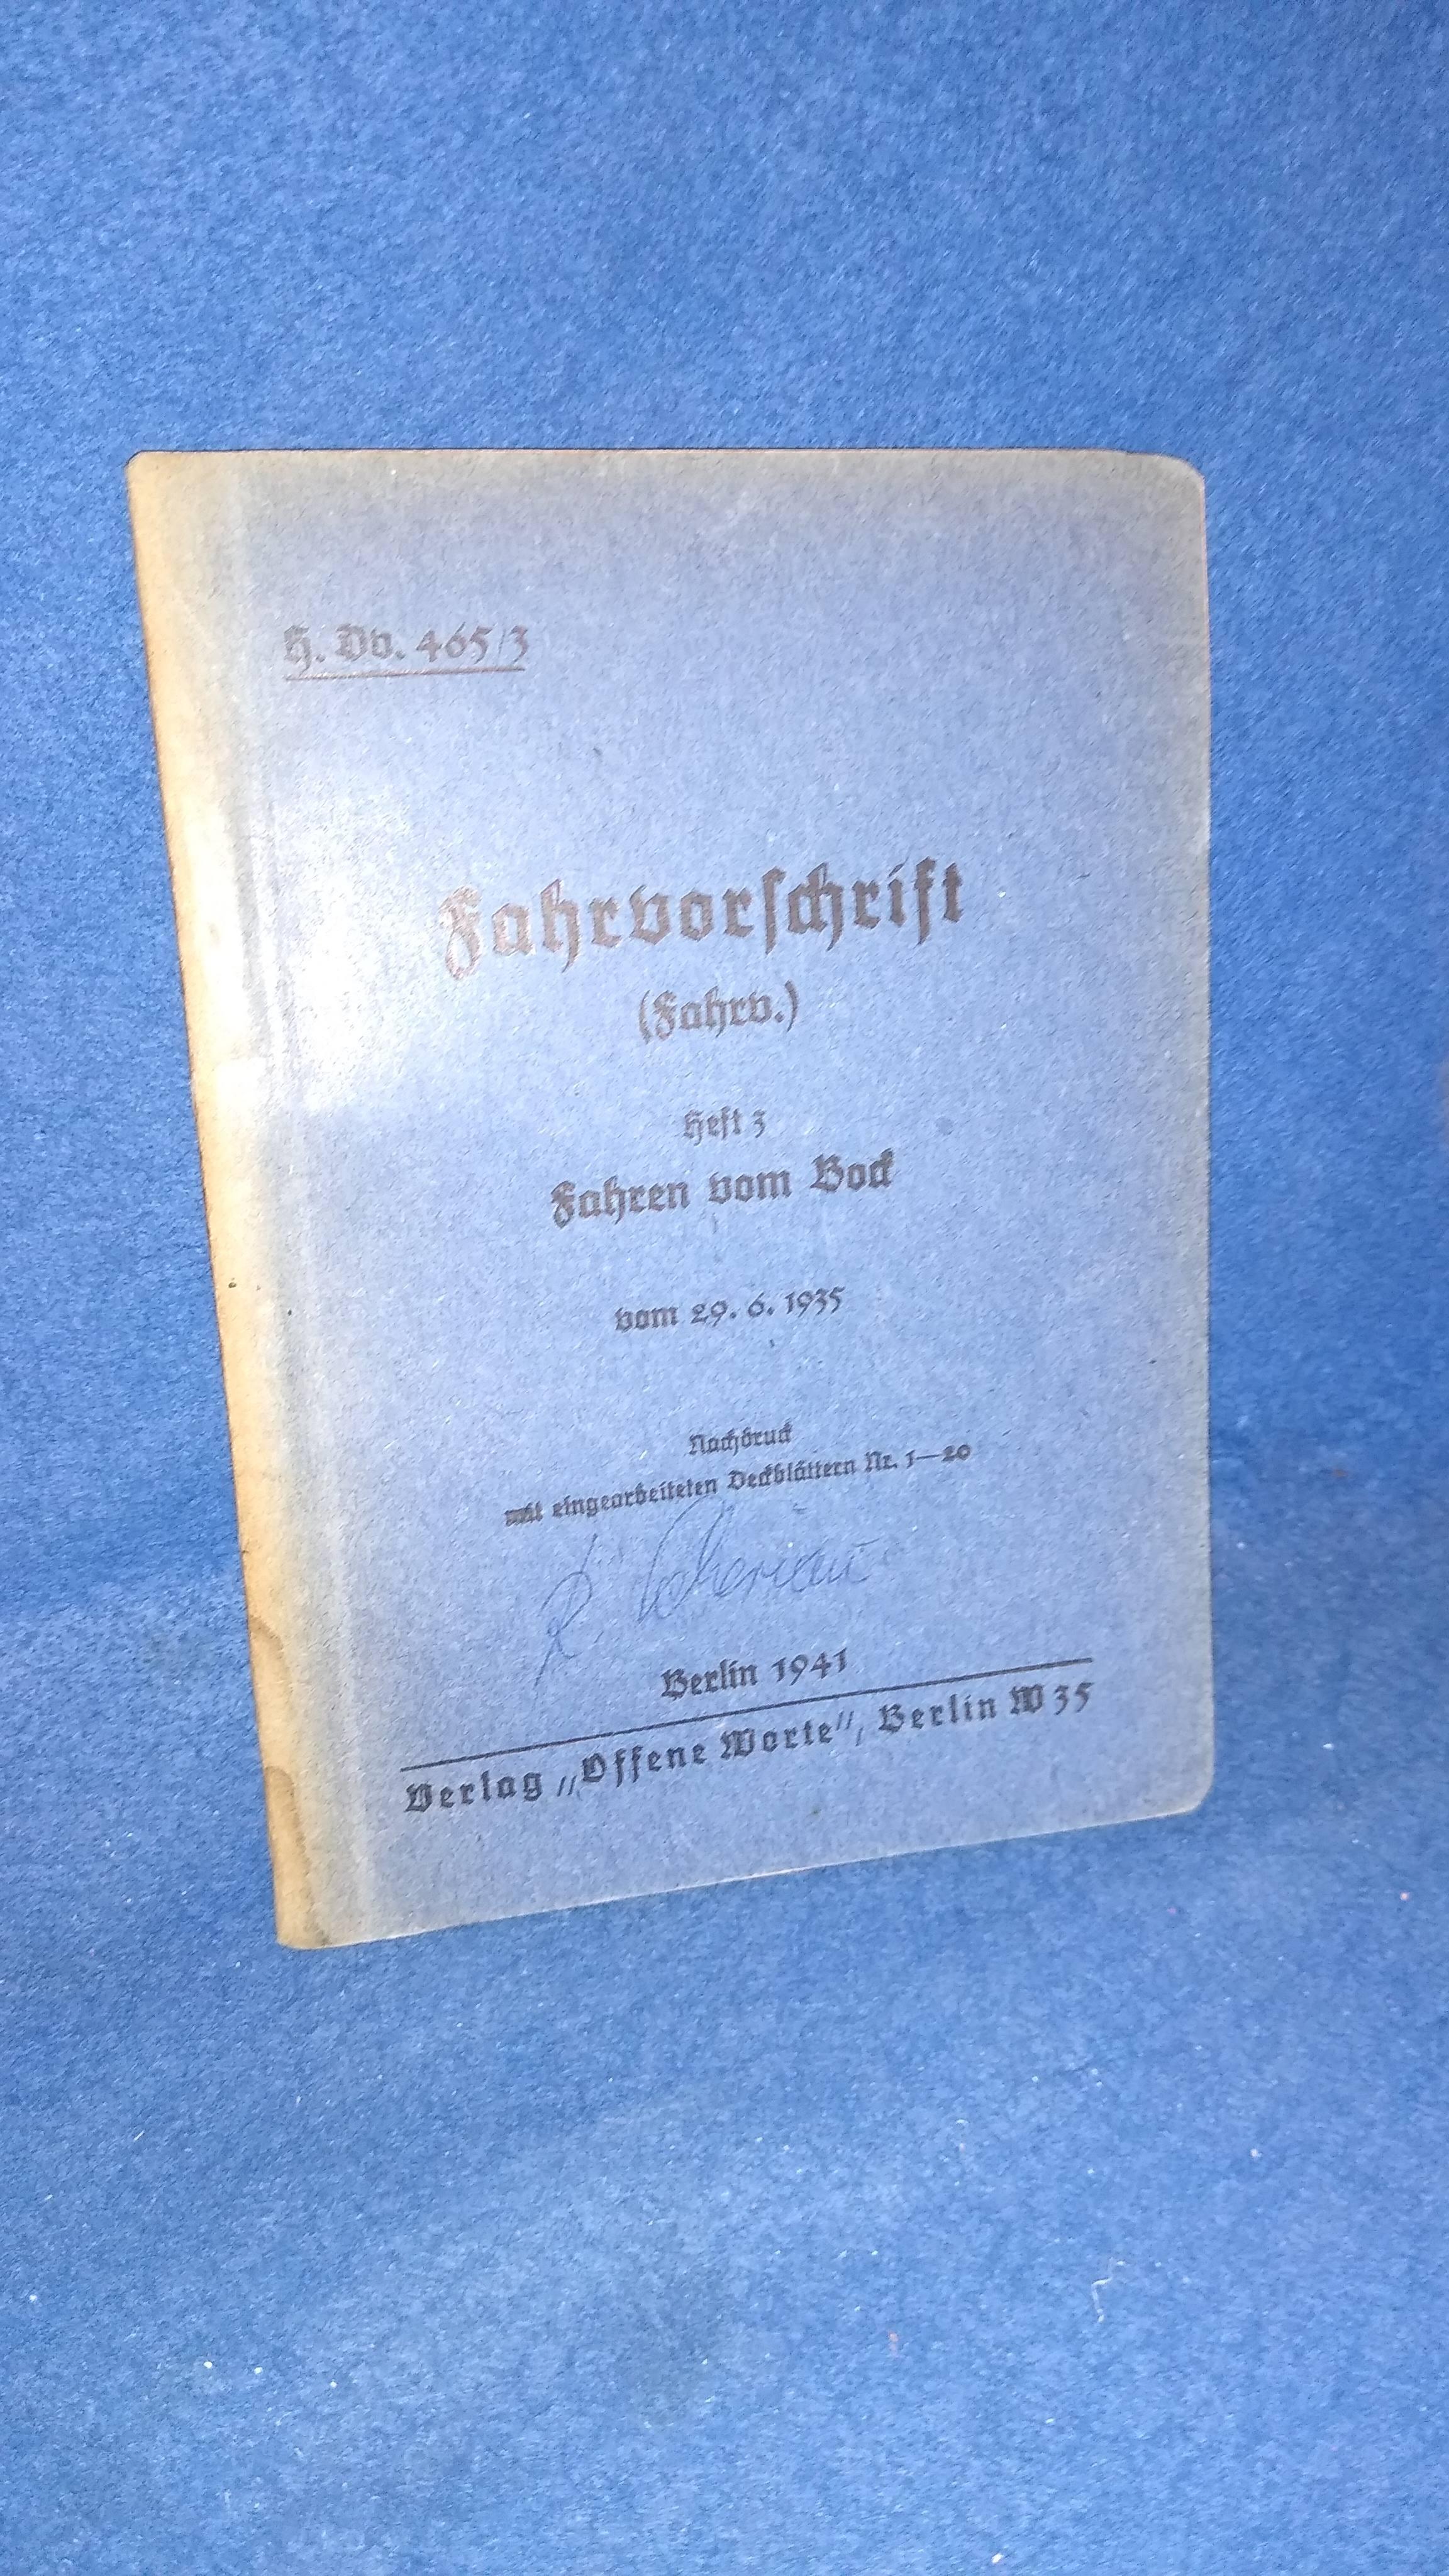 H.Dv. 465/3. Fahrvorschrift (fahrv.) Heft 3. Fahren vom Bock. Seltenes Orginal-Exemplar von 1941!